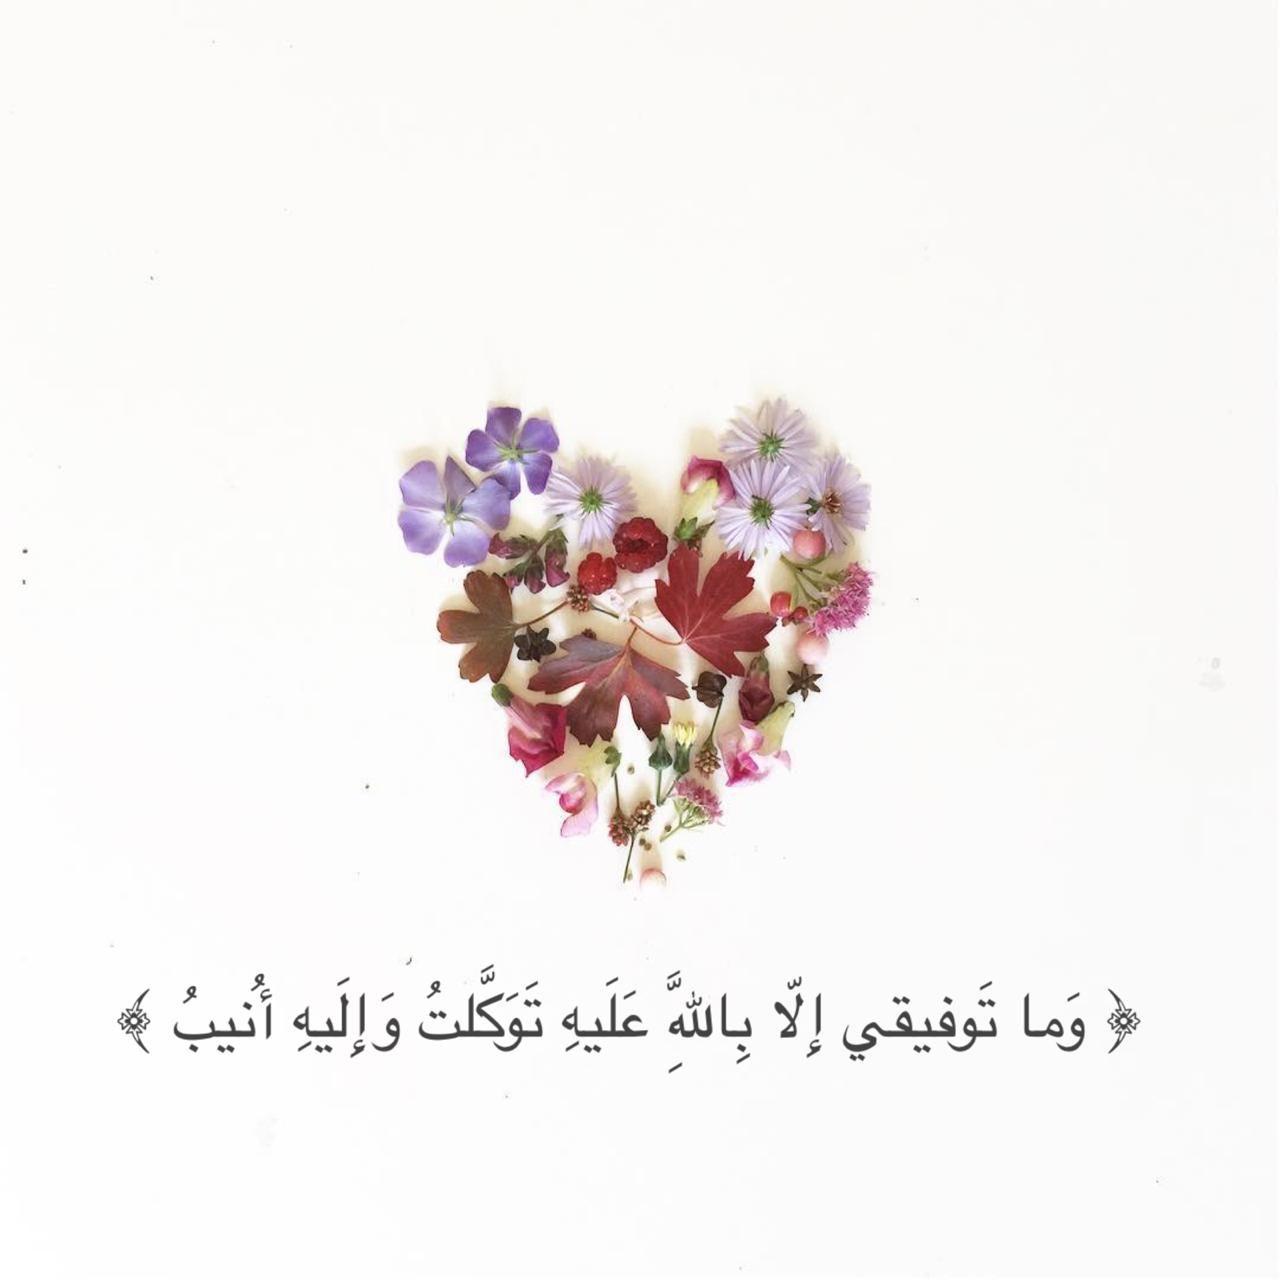 التوفيق بيد الله ولن تناله إلا بالتوكل والإنابة Islam Crown Jewelry